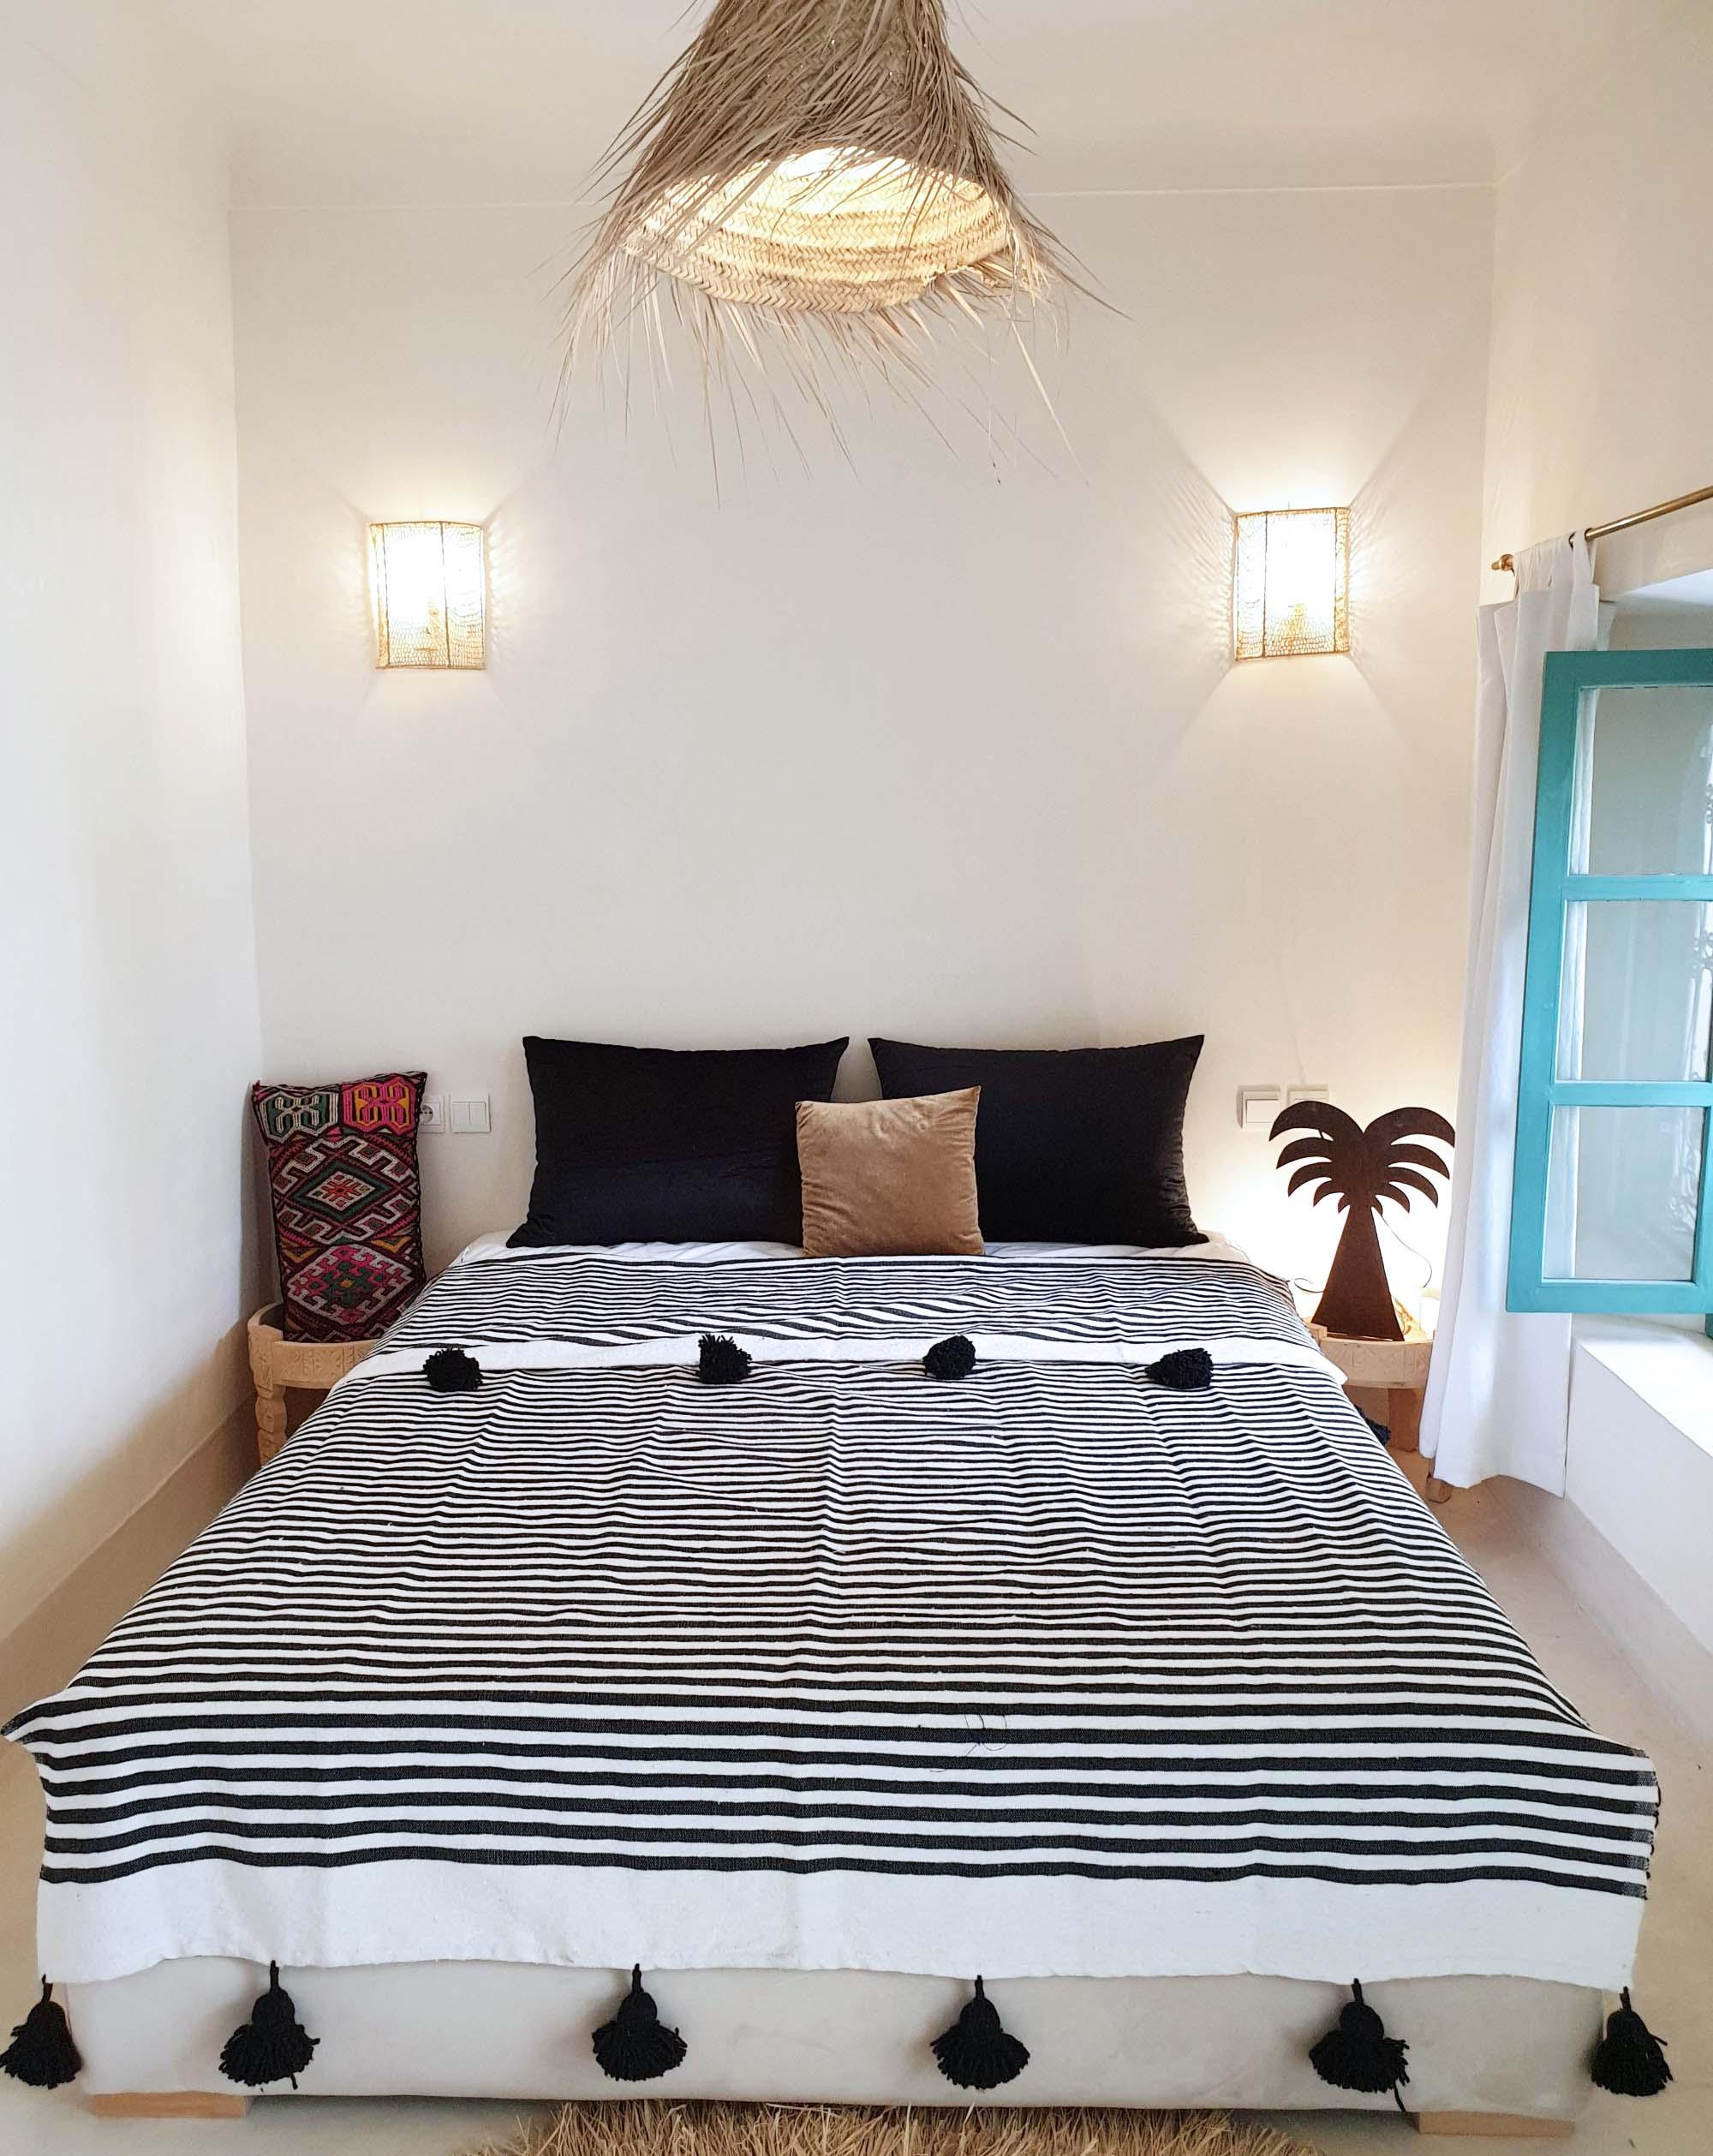 Free Shipping White And Black Blanket Handwoven Throw Tassel Blankets Pom Poms Boho Blanket Artisans Morocco